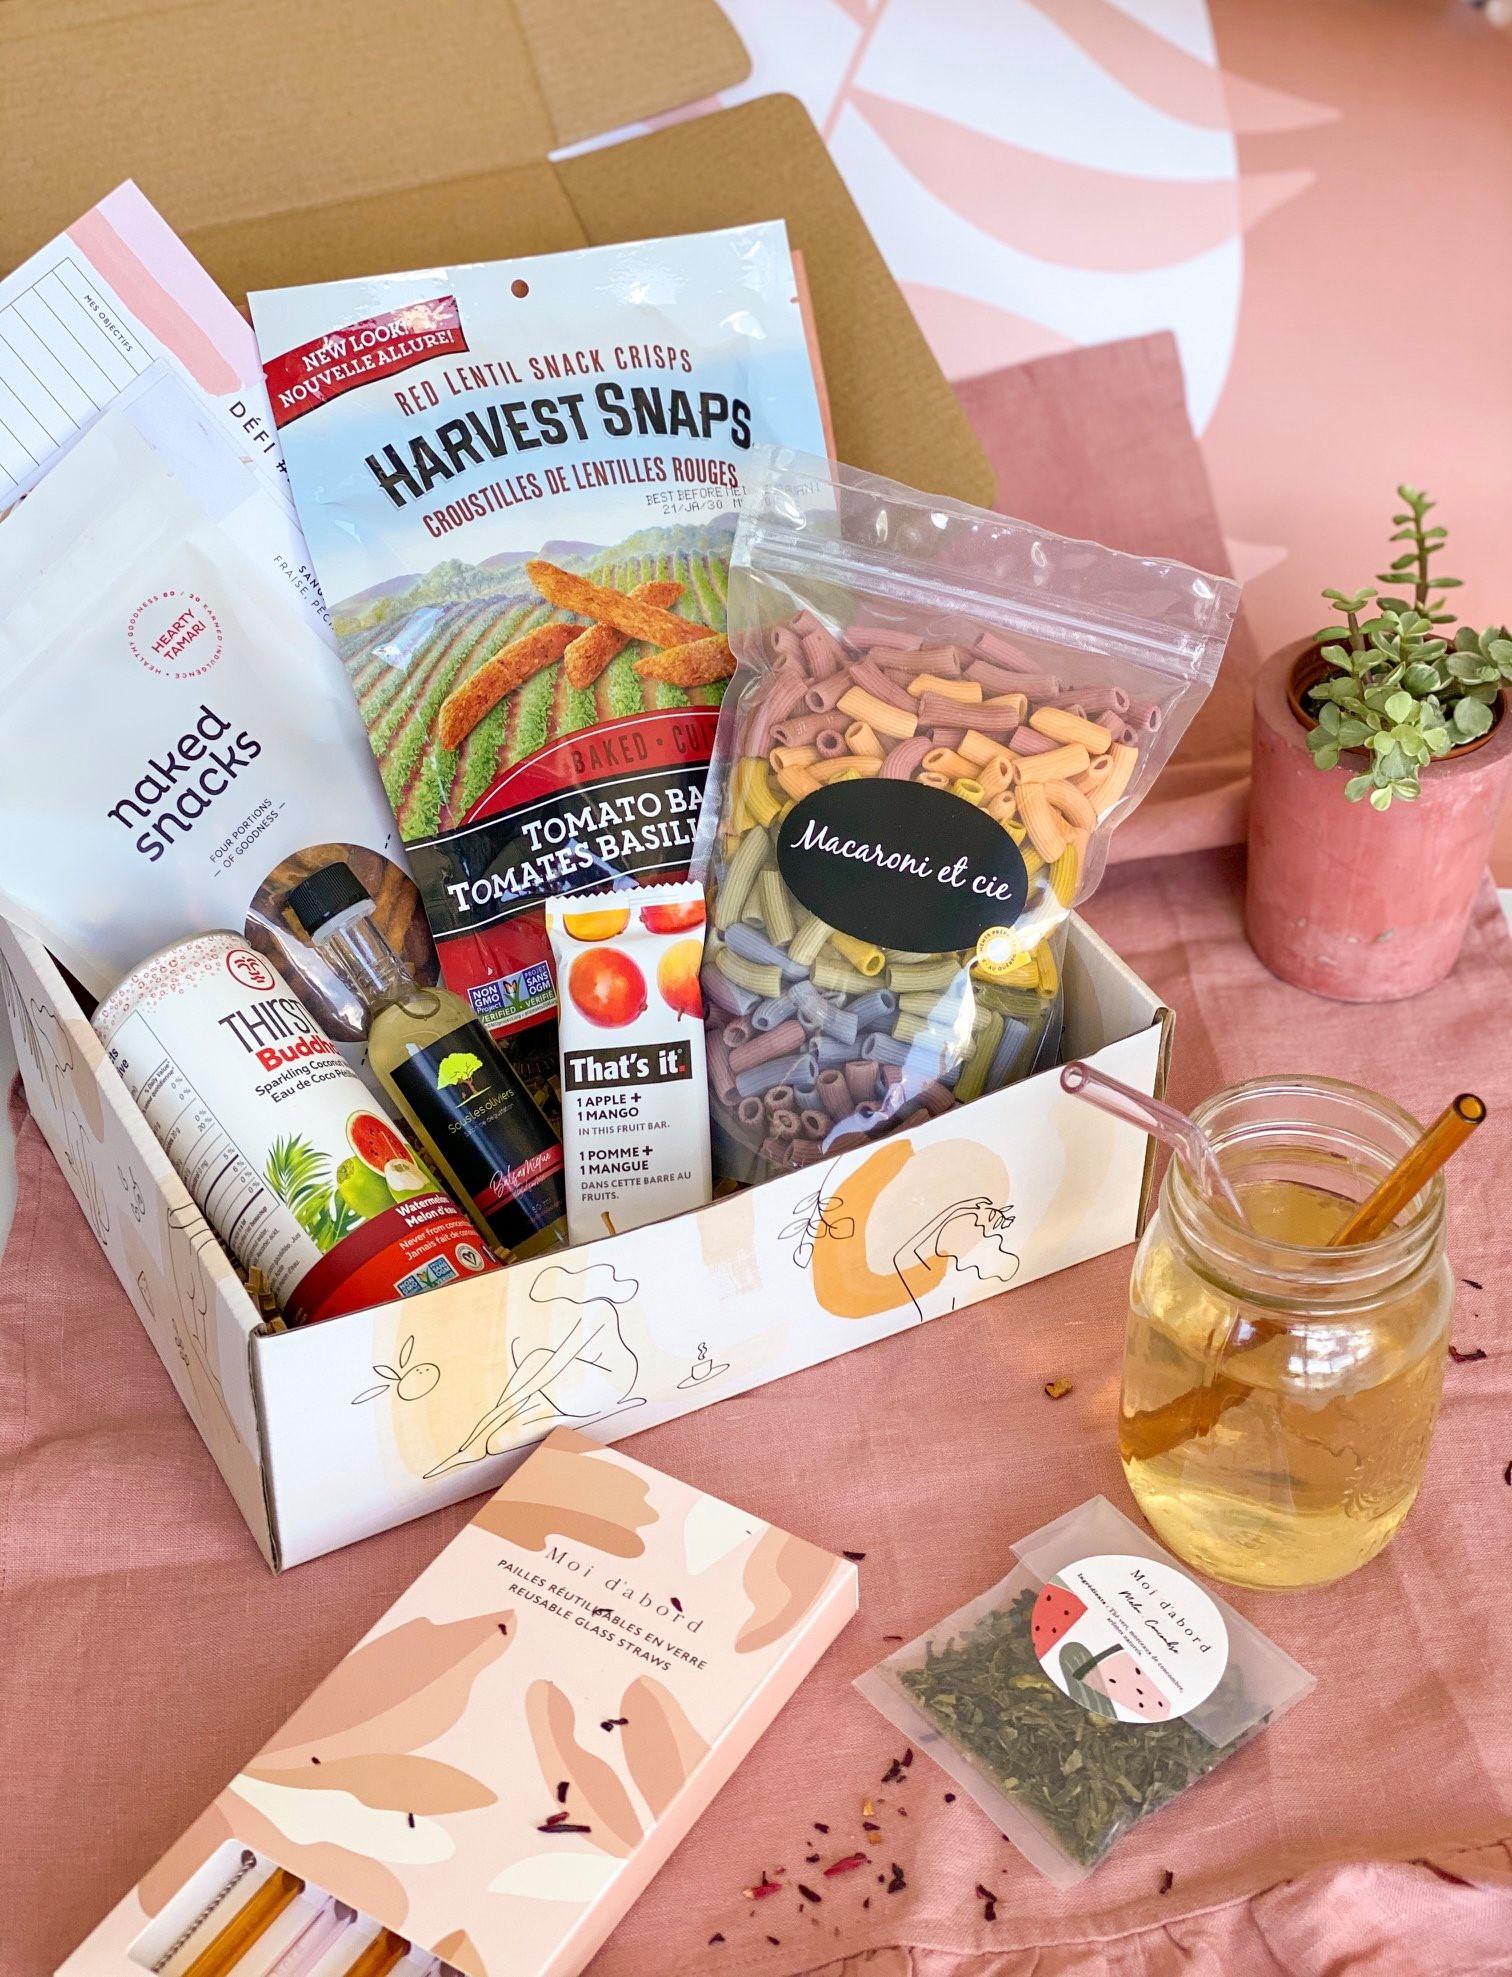 Cliquez ici pour acheter Abonnement – 3 boites de produits santé!